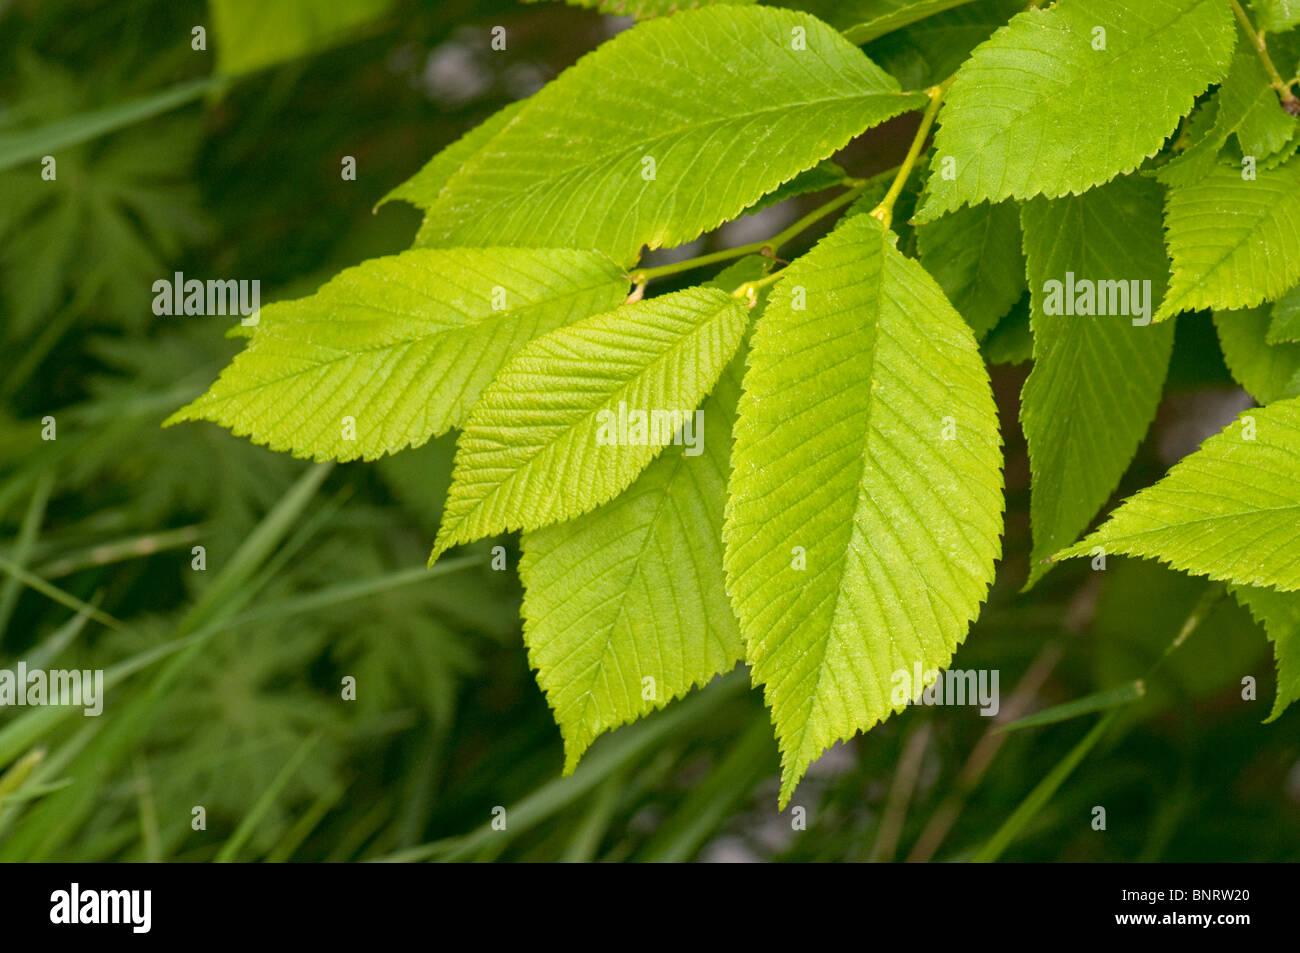 Wych Elm (Ulmus glabra). Twig with fresh leaves. - Stock Image